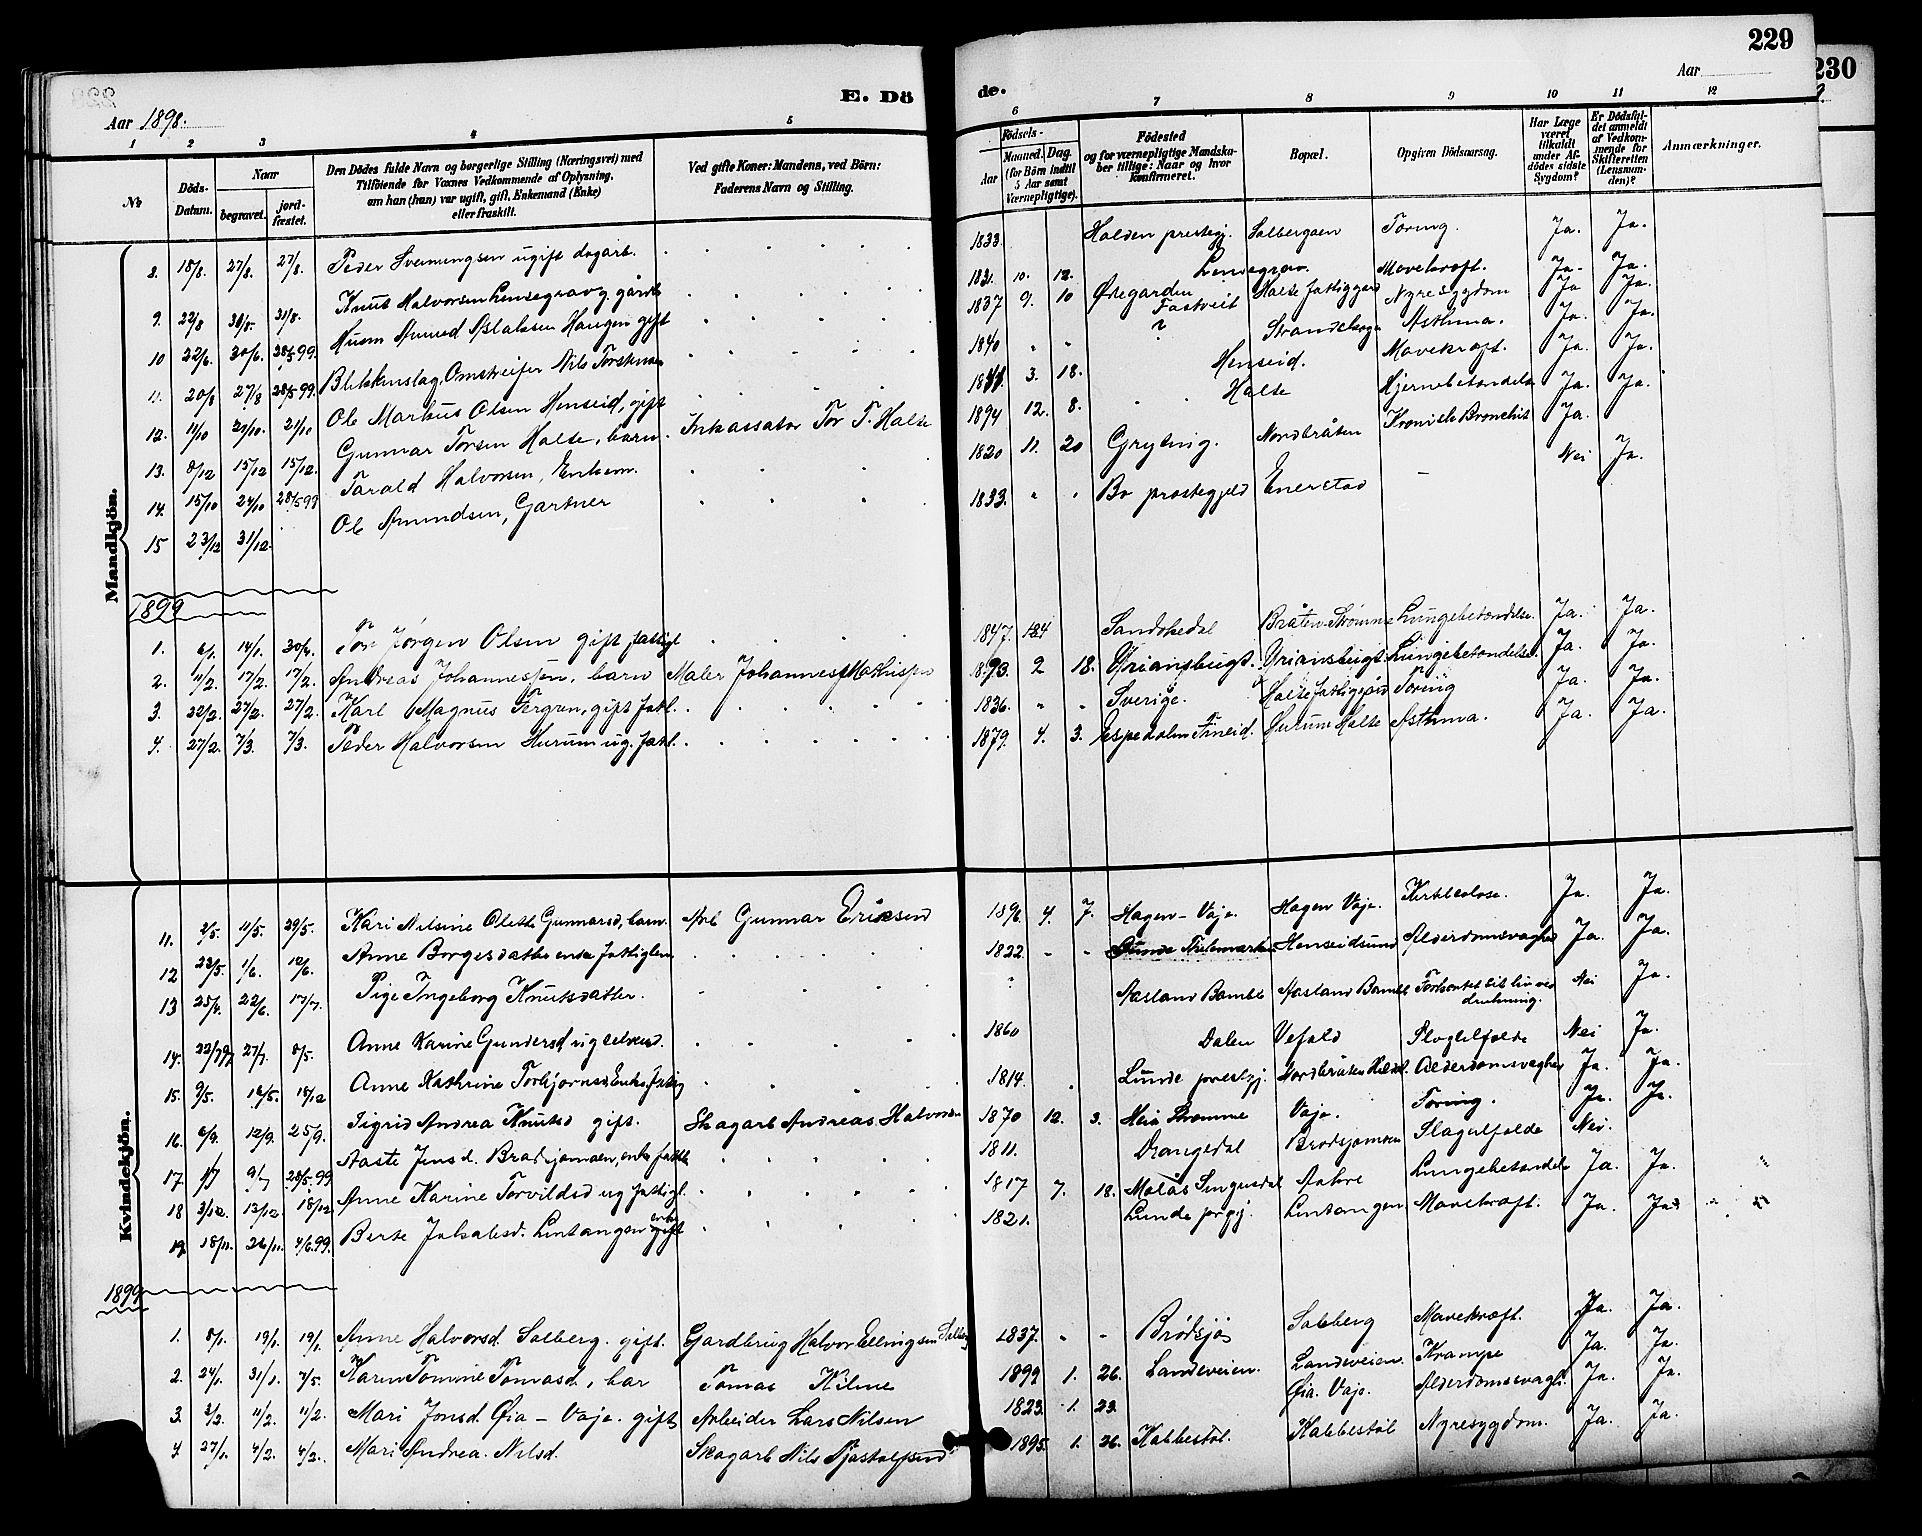 SAKO, Drangedal kirkebøker, G/Ga/L0003: Klokkerbok nr. I 3, 1887-1906, s. 229